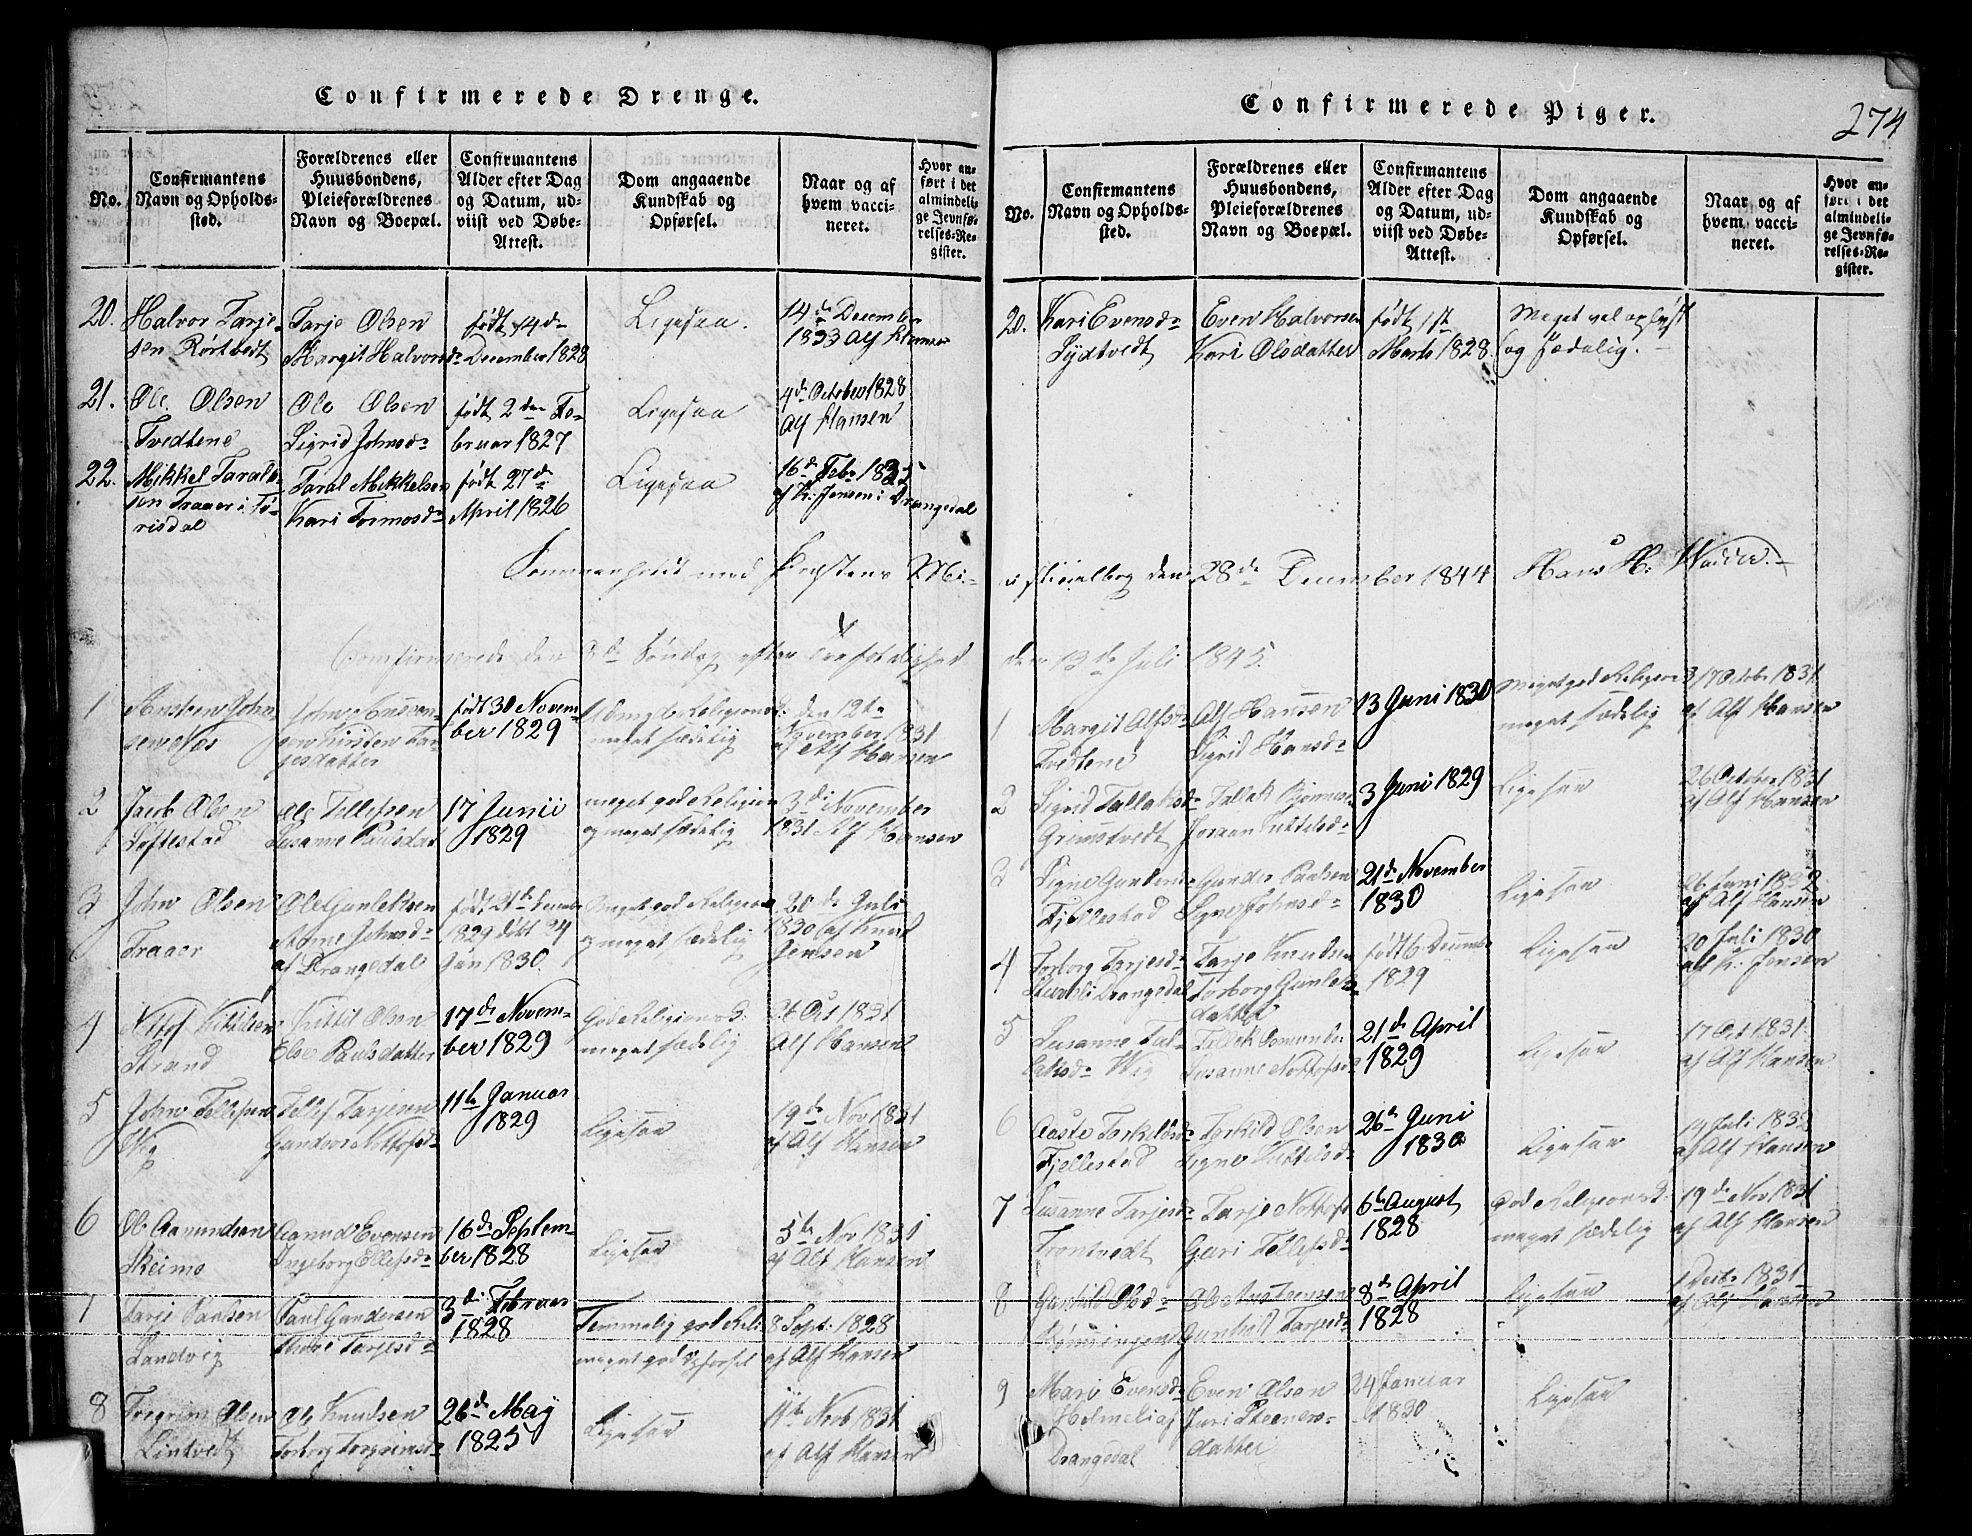 SAKO, Nissedal kirkebøker, G/Ga/L0001: Klokkerbok nr. I 1, 1814-1860, s. 274